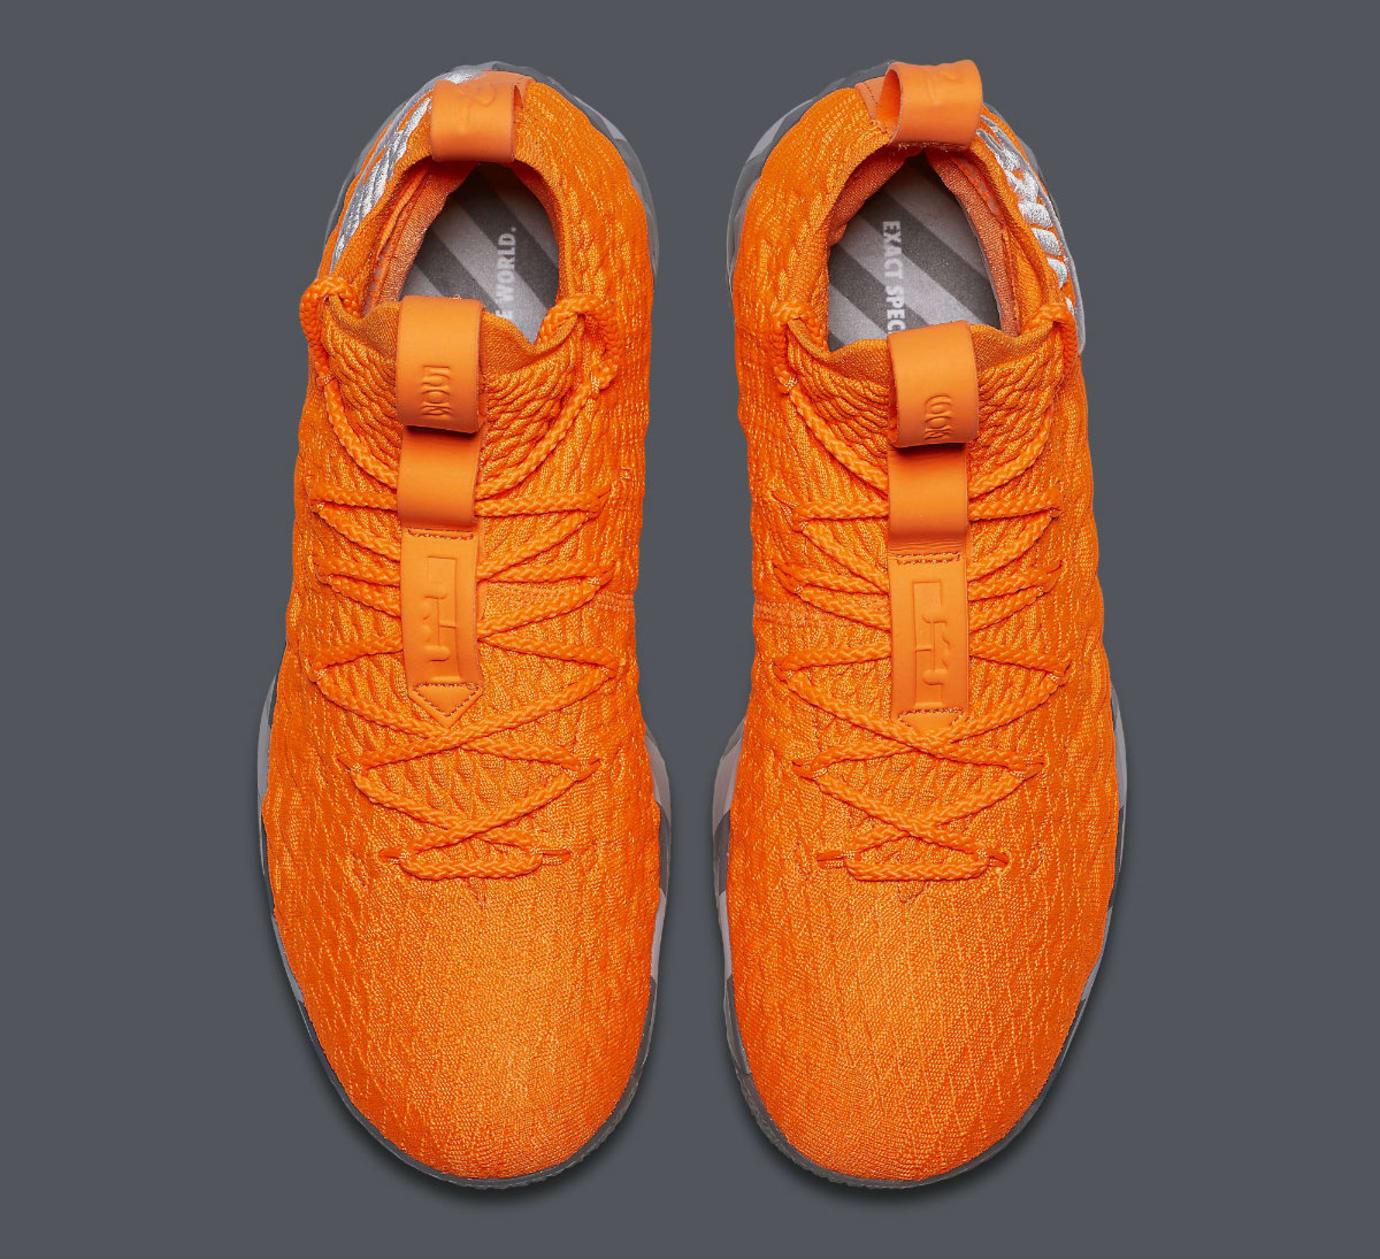 a1304e593ec1 Nike LeBron 15 Orange Box Release Date AR5125-800 Top